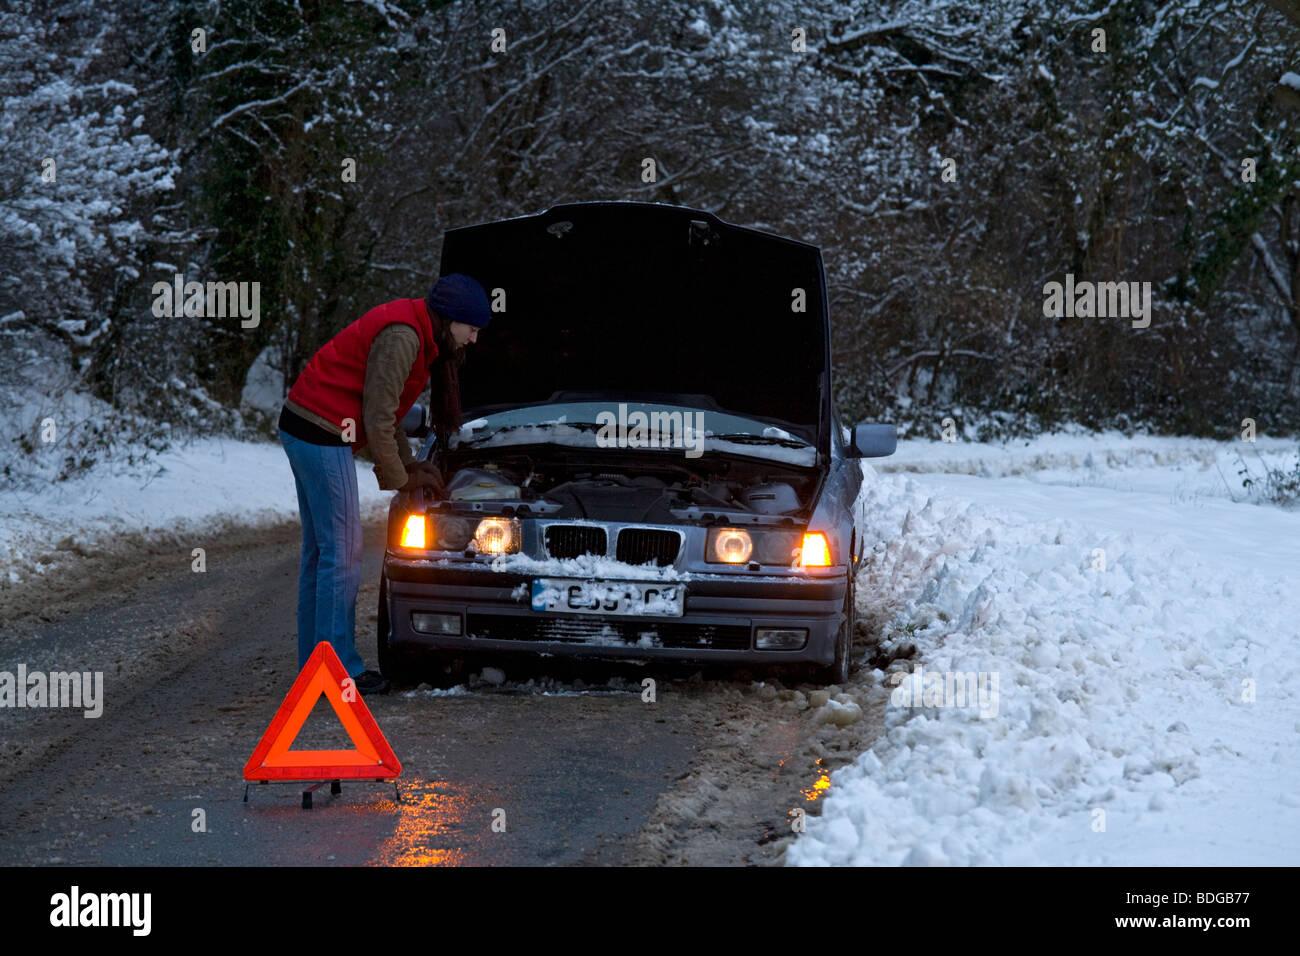 Les femmes pour son propre ventilées dans la neige, essayant de le faire réparer. Photo Stock